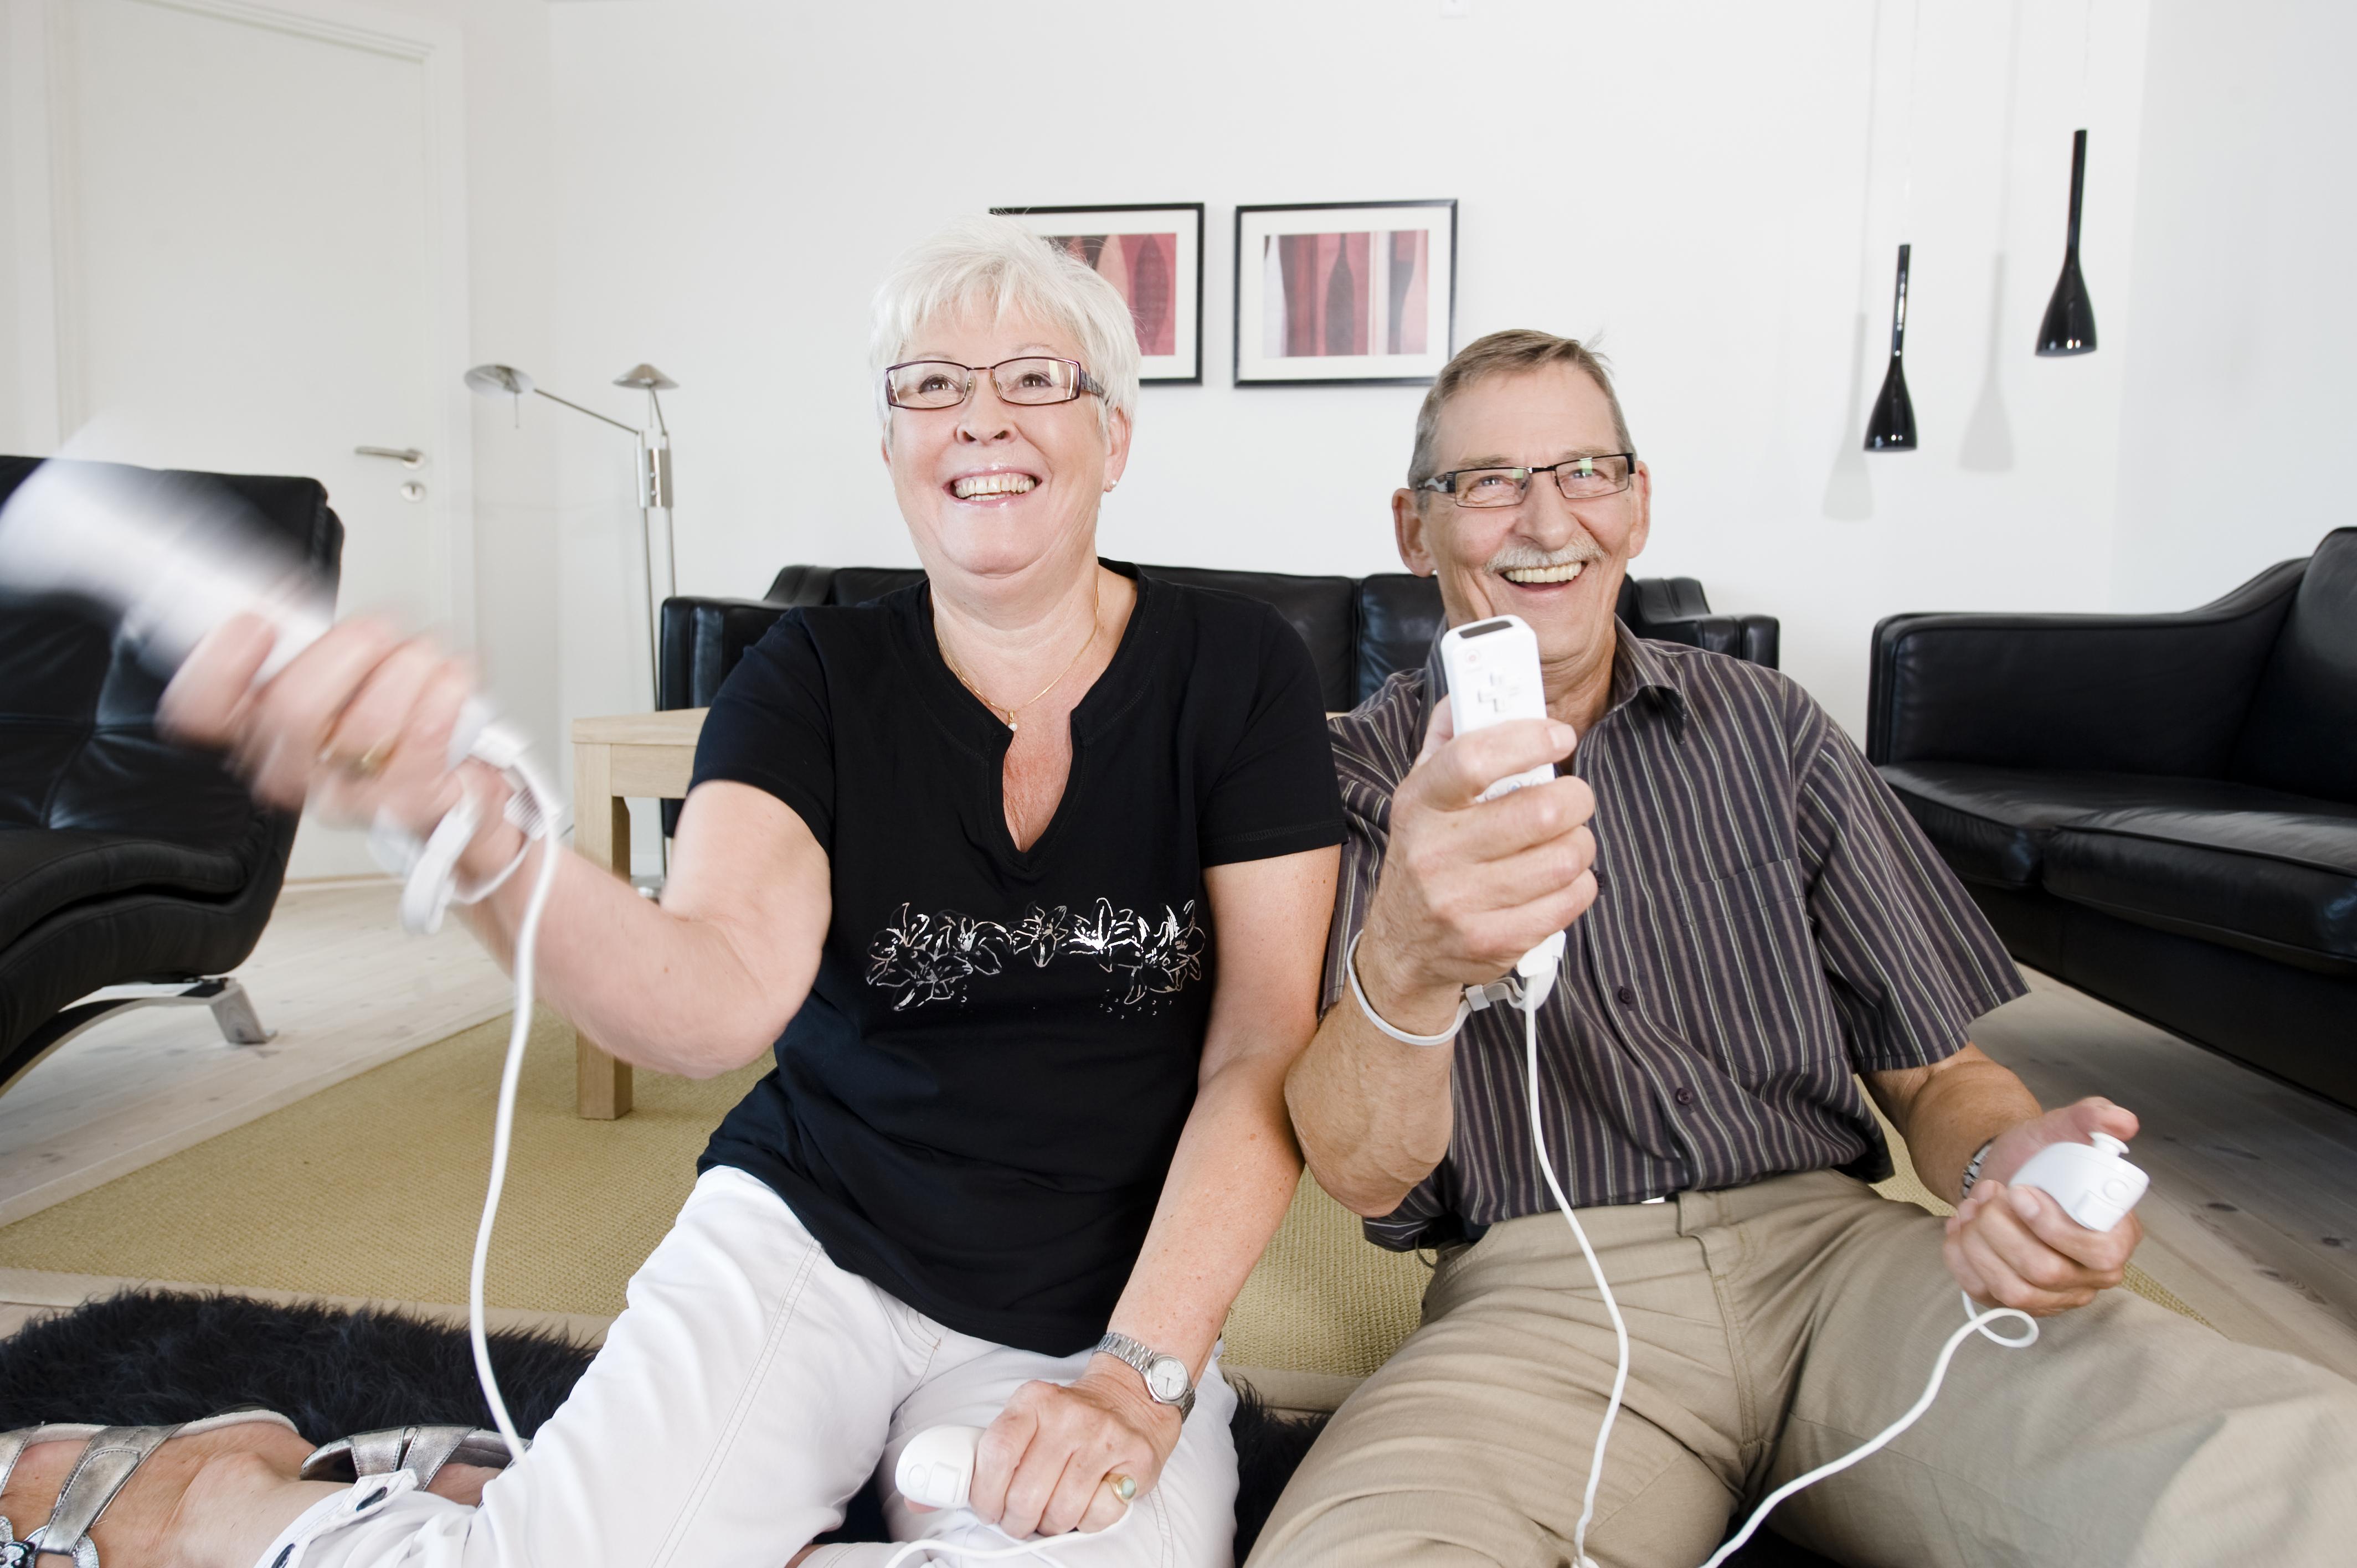 Vil du ha det like gøy på jobb som disse to har det i stua? Kom til oss, da vel! Søknadsfrist 18. juni. Foto: www.colourbox.com